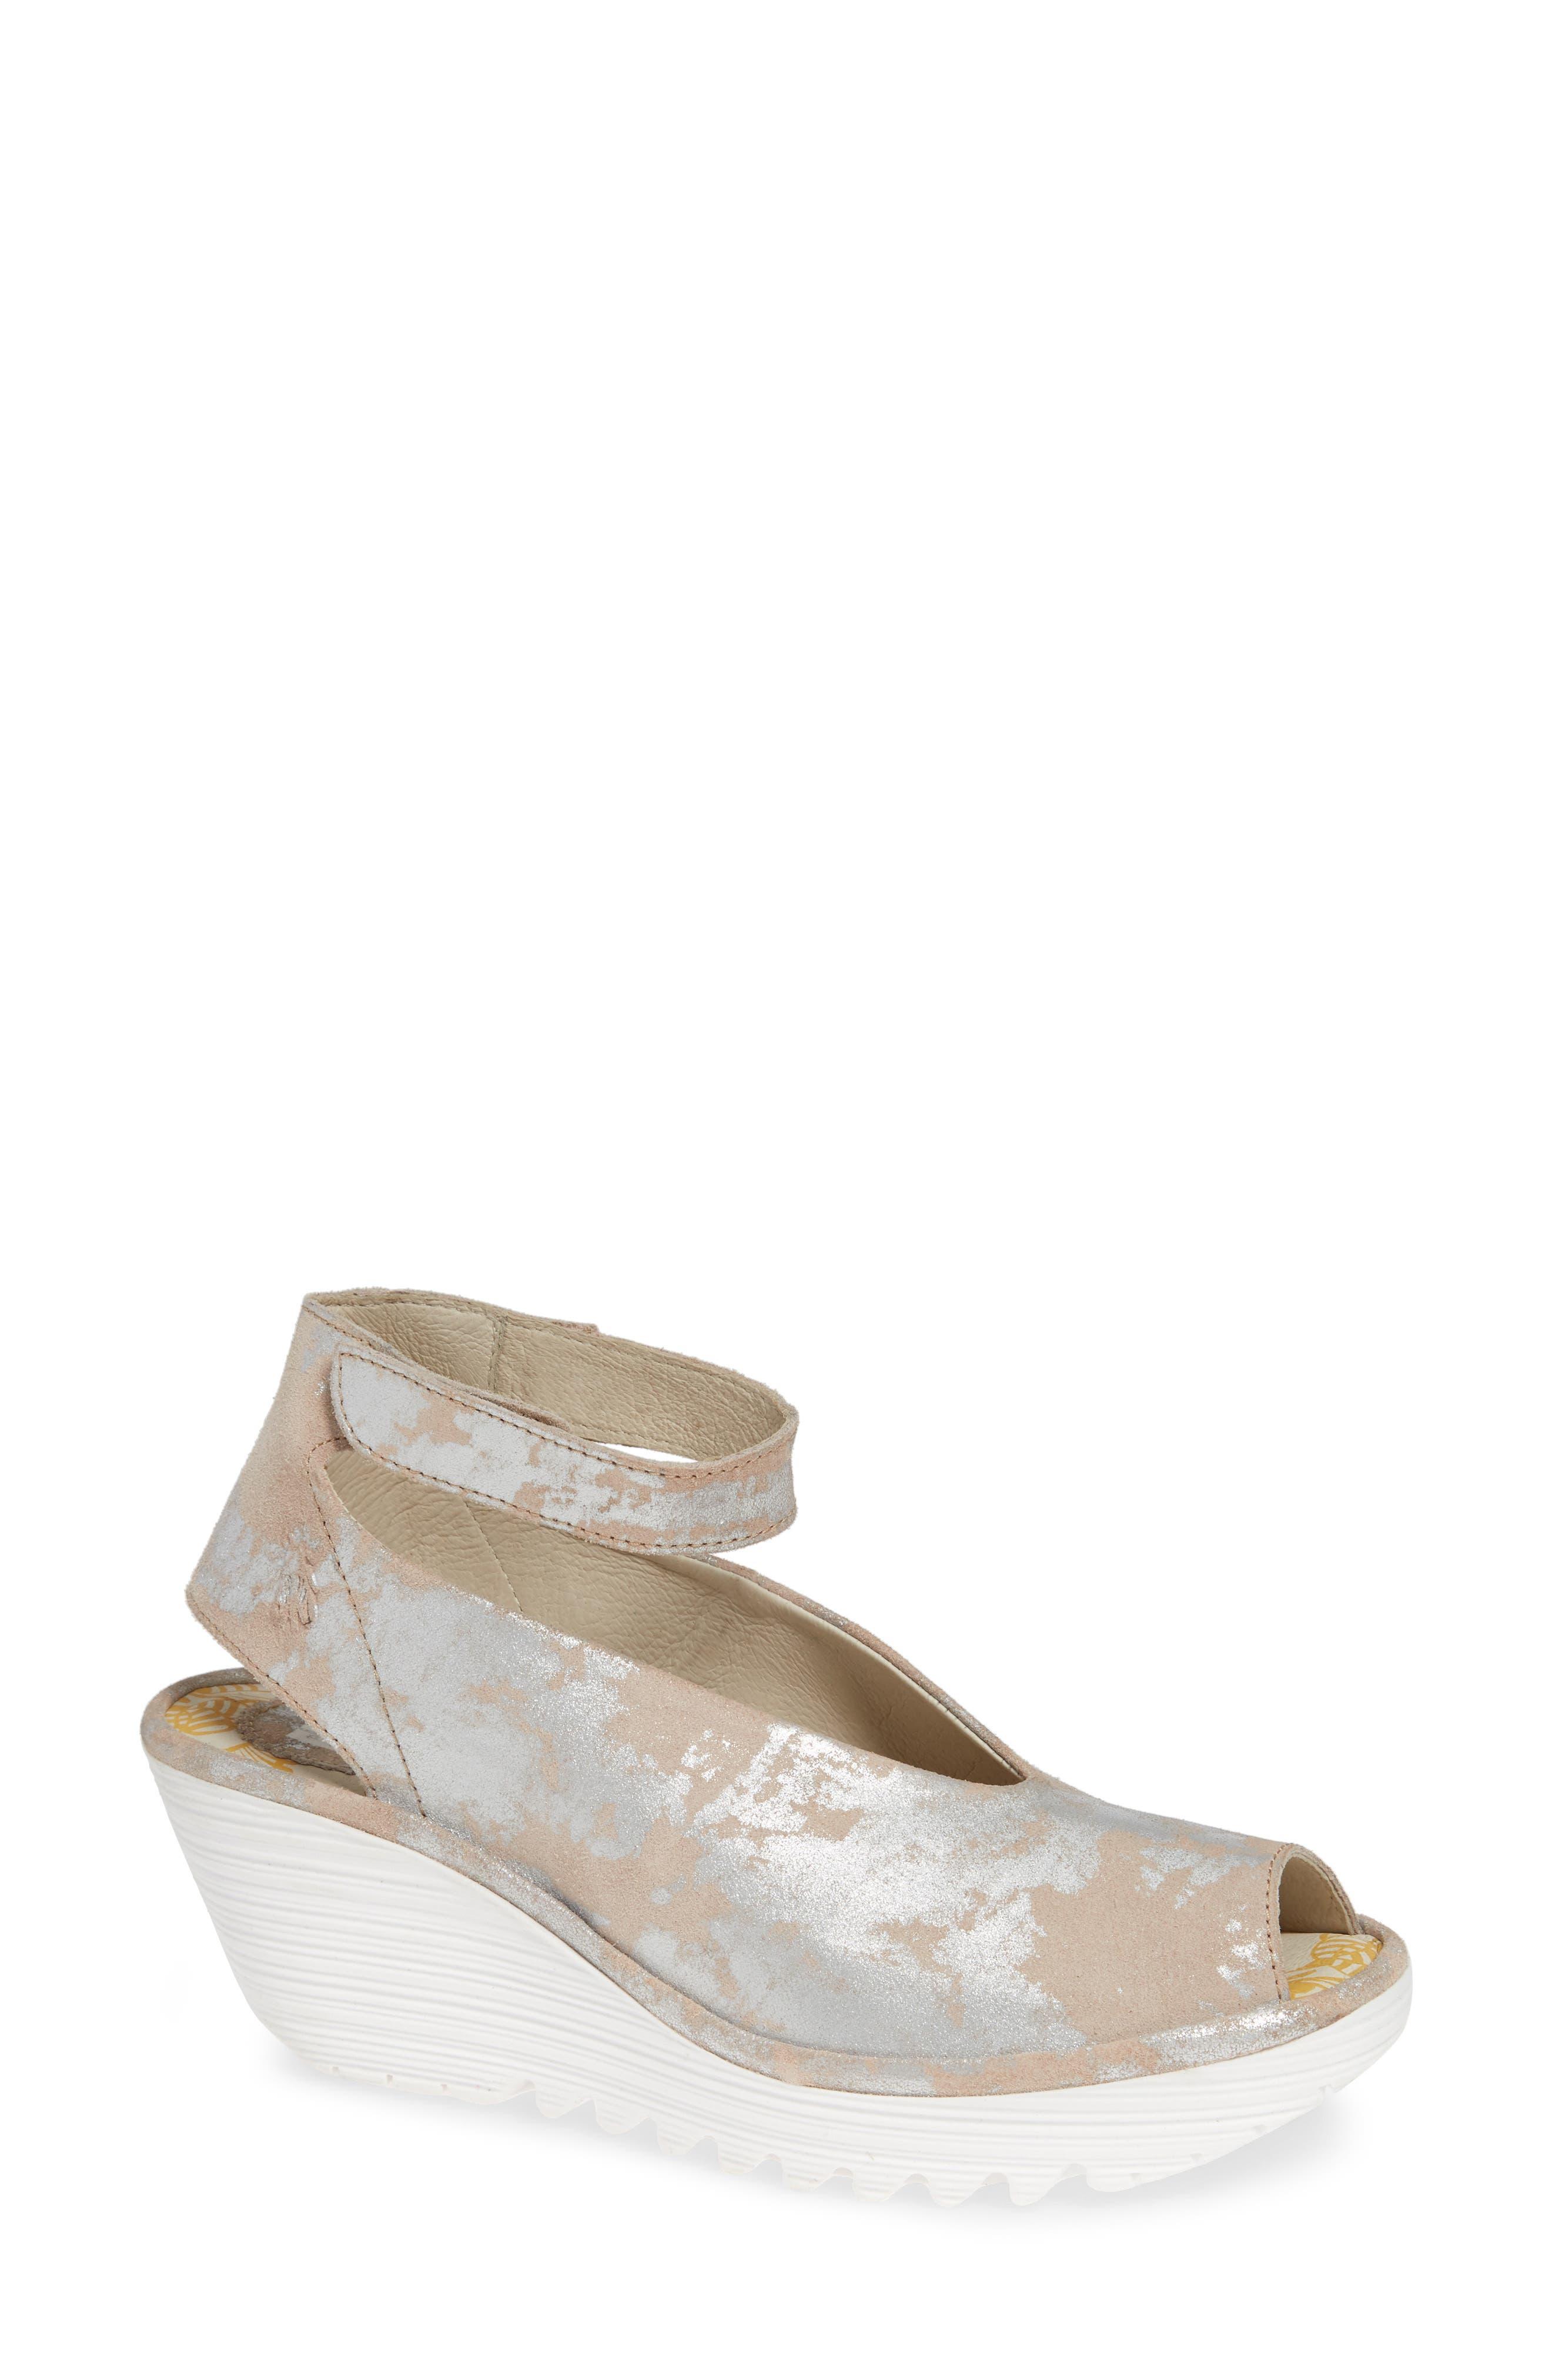 'Yala' Sandal, Main, color, ROSE LEATHER